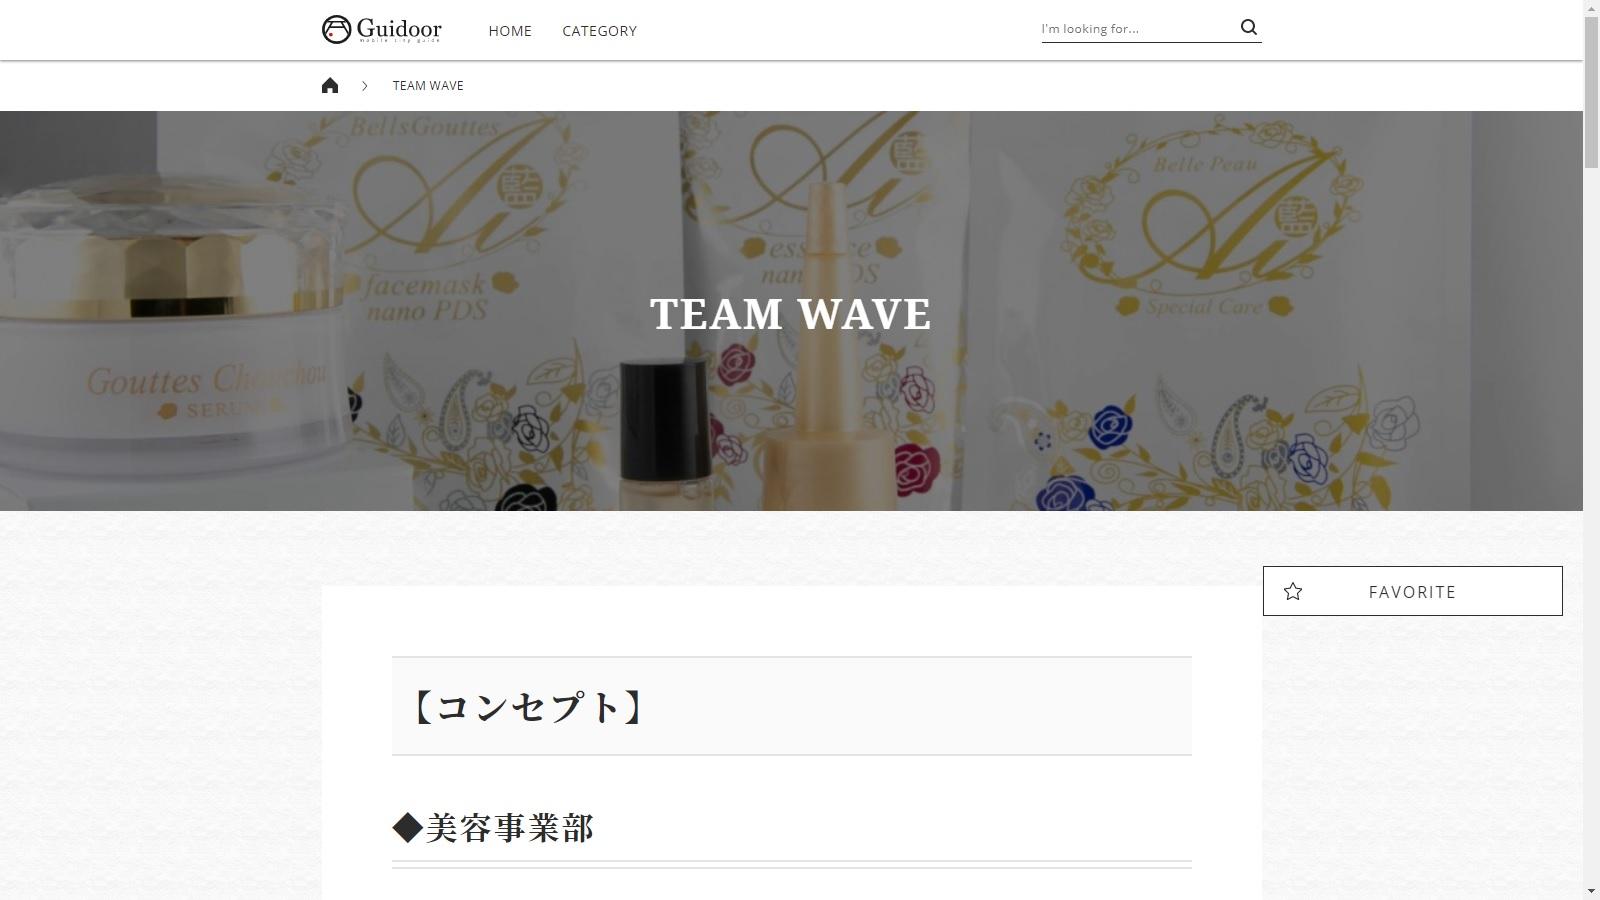 本日より、多言語観光情報サイト「Guidoor(ガイドア)」のShop紹介でTEAM WAVE Shopが掲載されました。